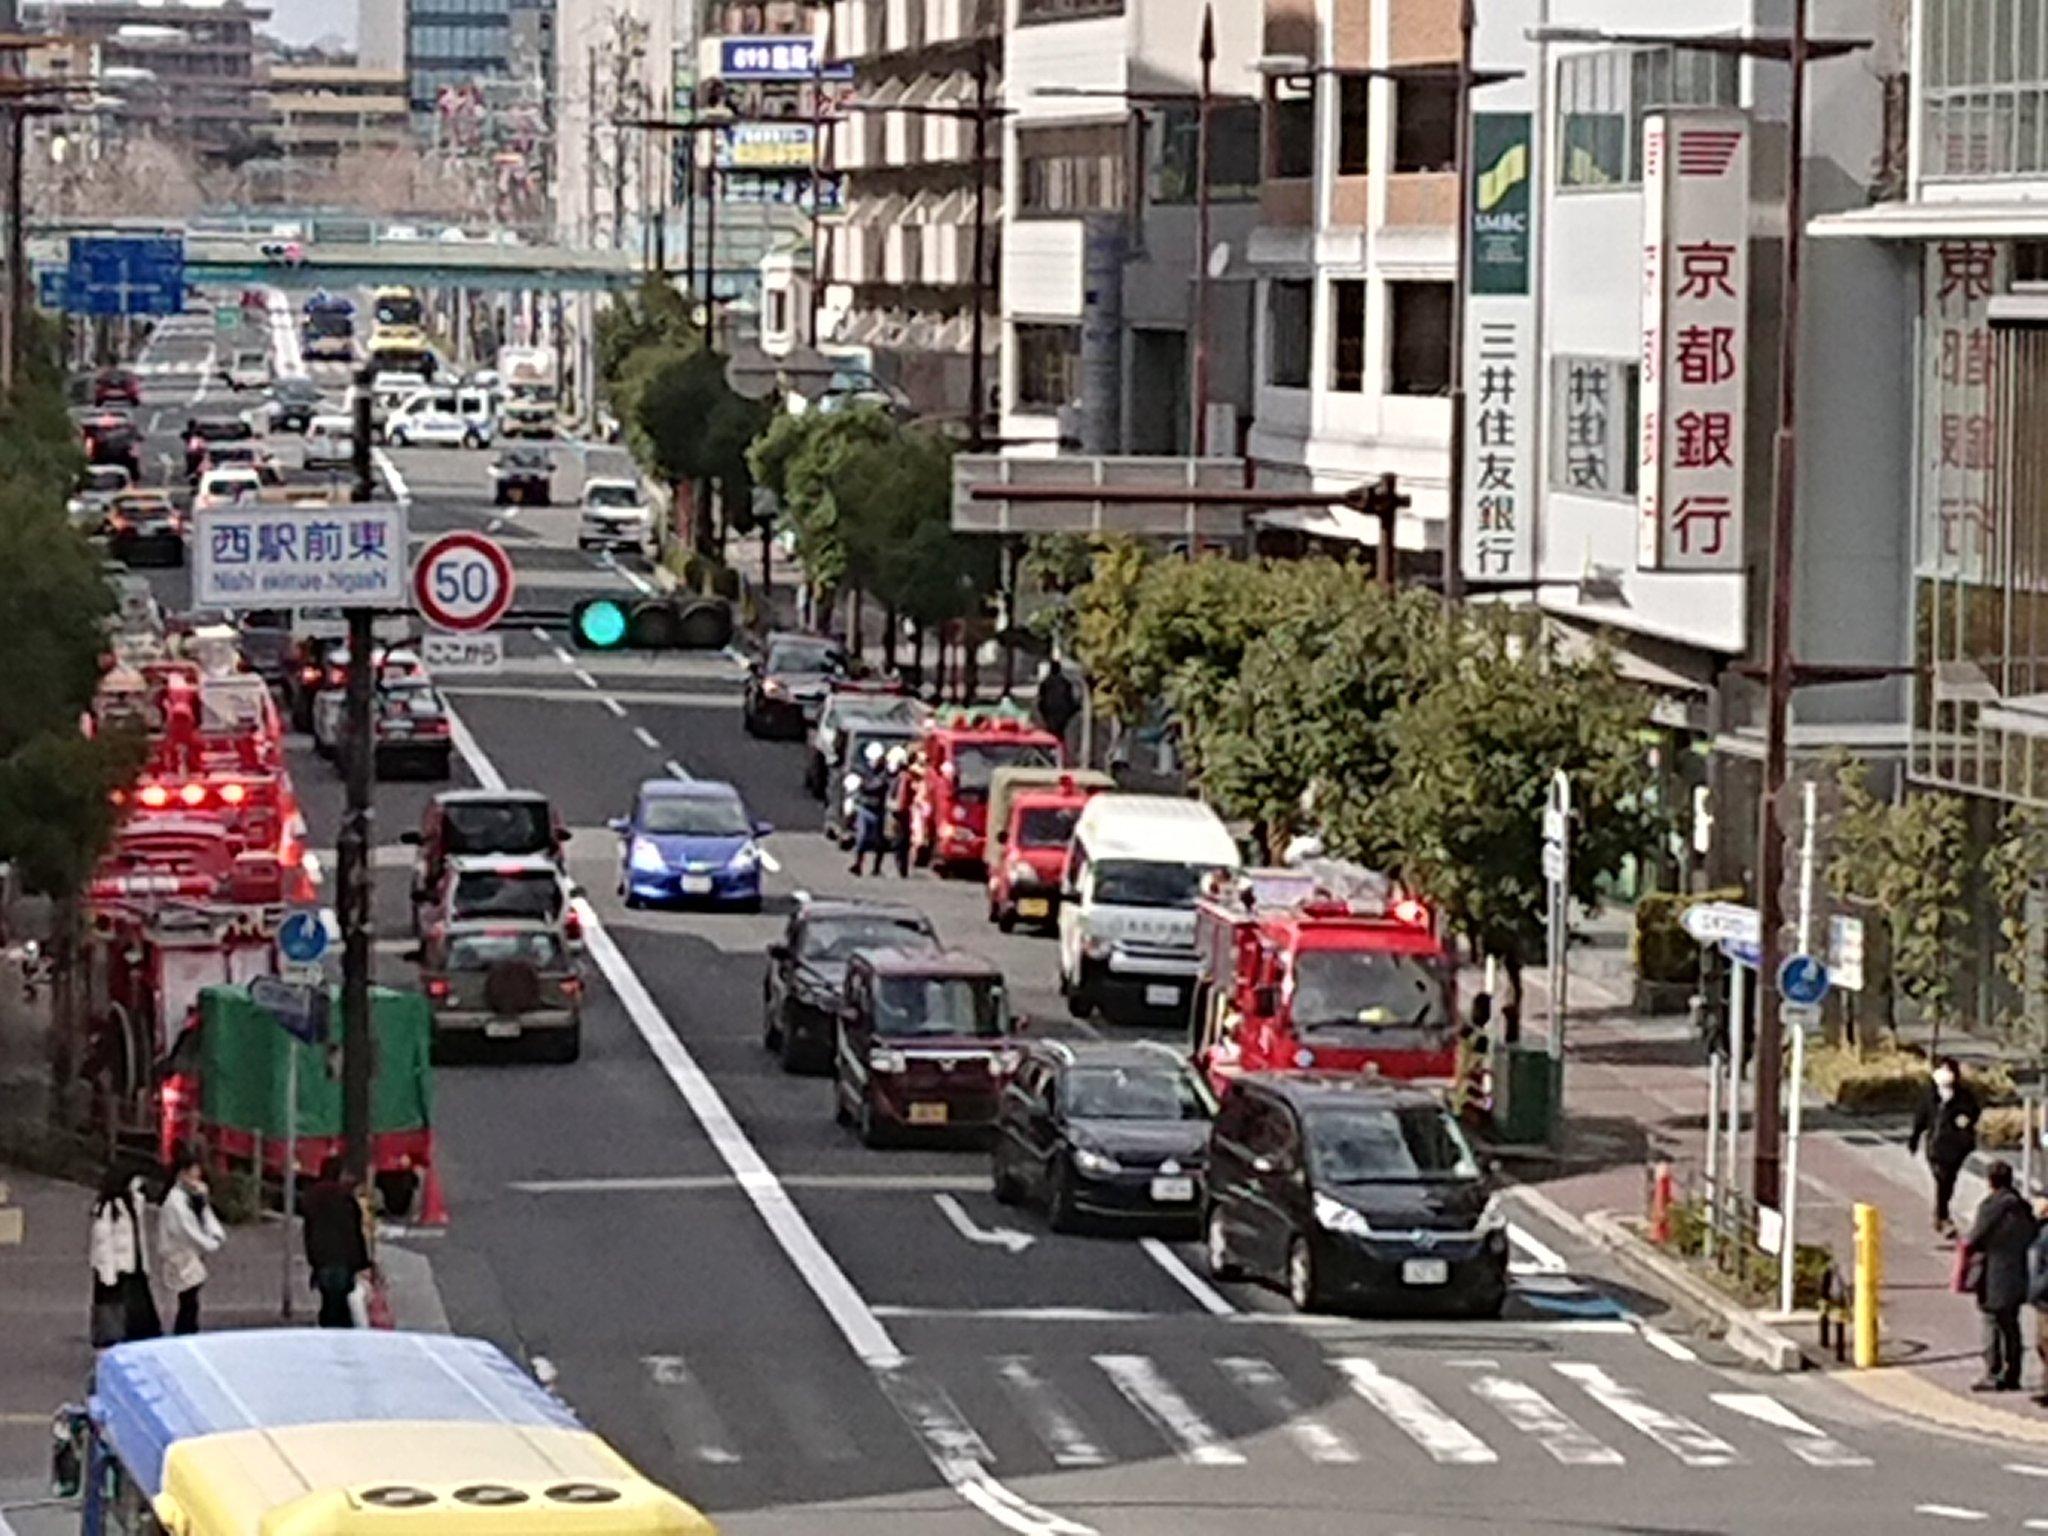 画像,茨木駅駅まで車で来たんだけど、なんか煙たいなーと思ったら火事( °_° ) https://t.co/phVrcSFrvy…